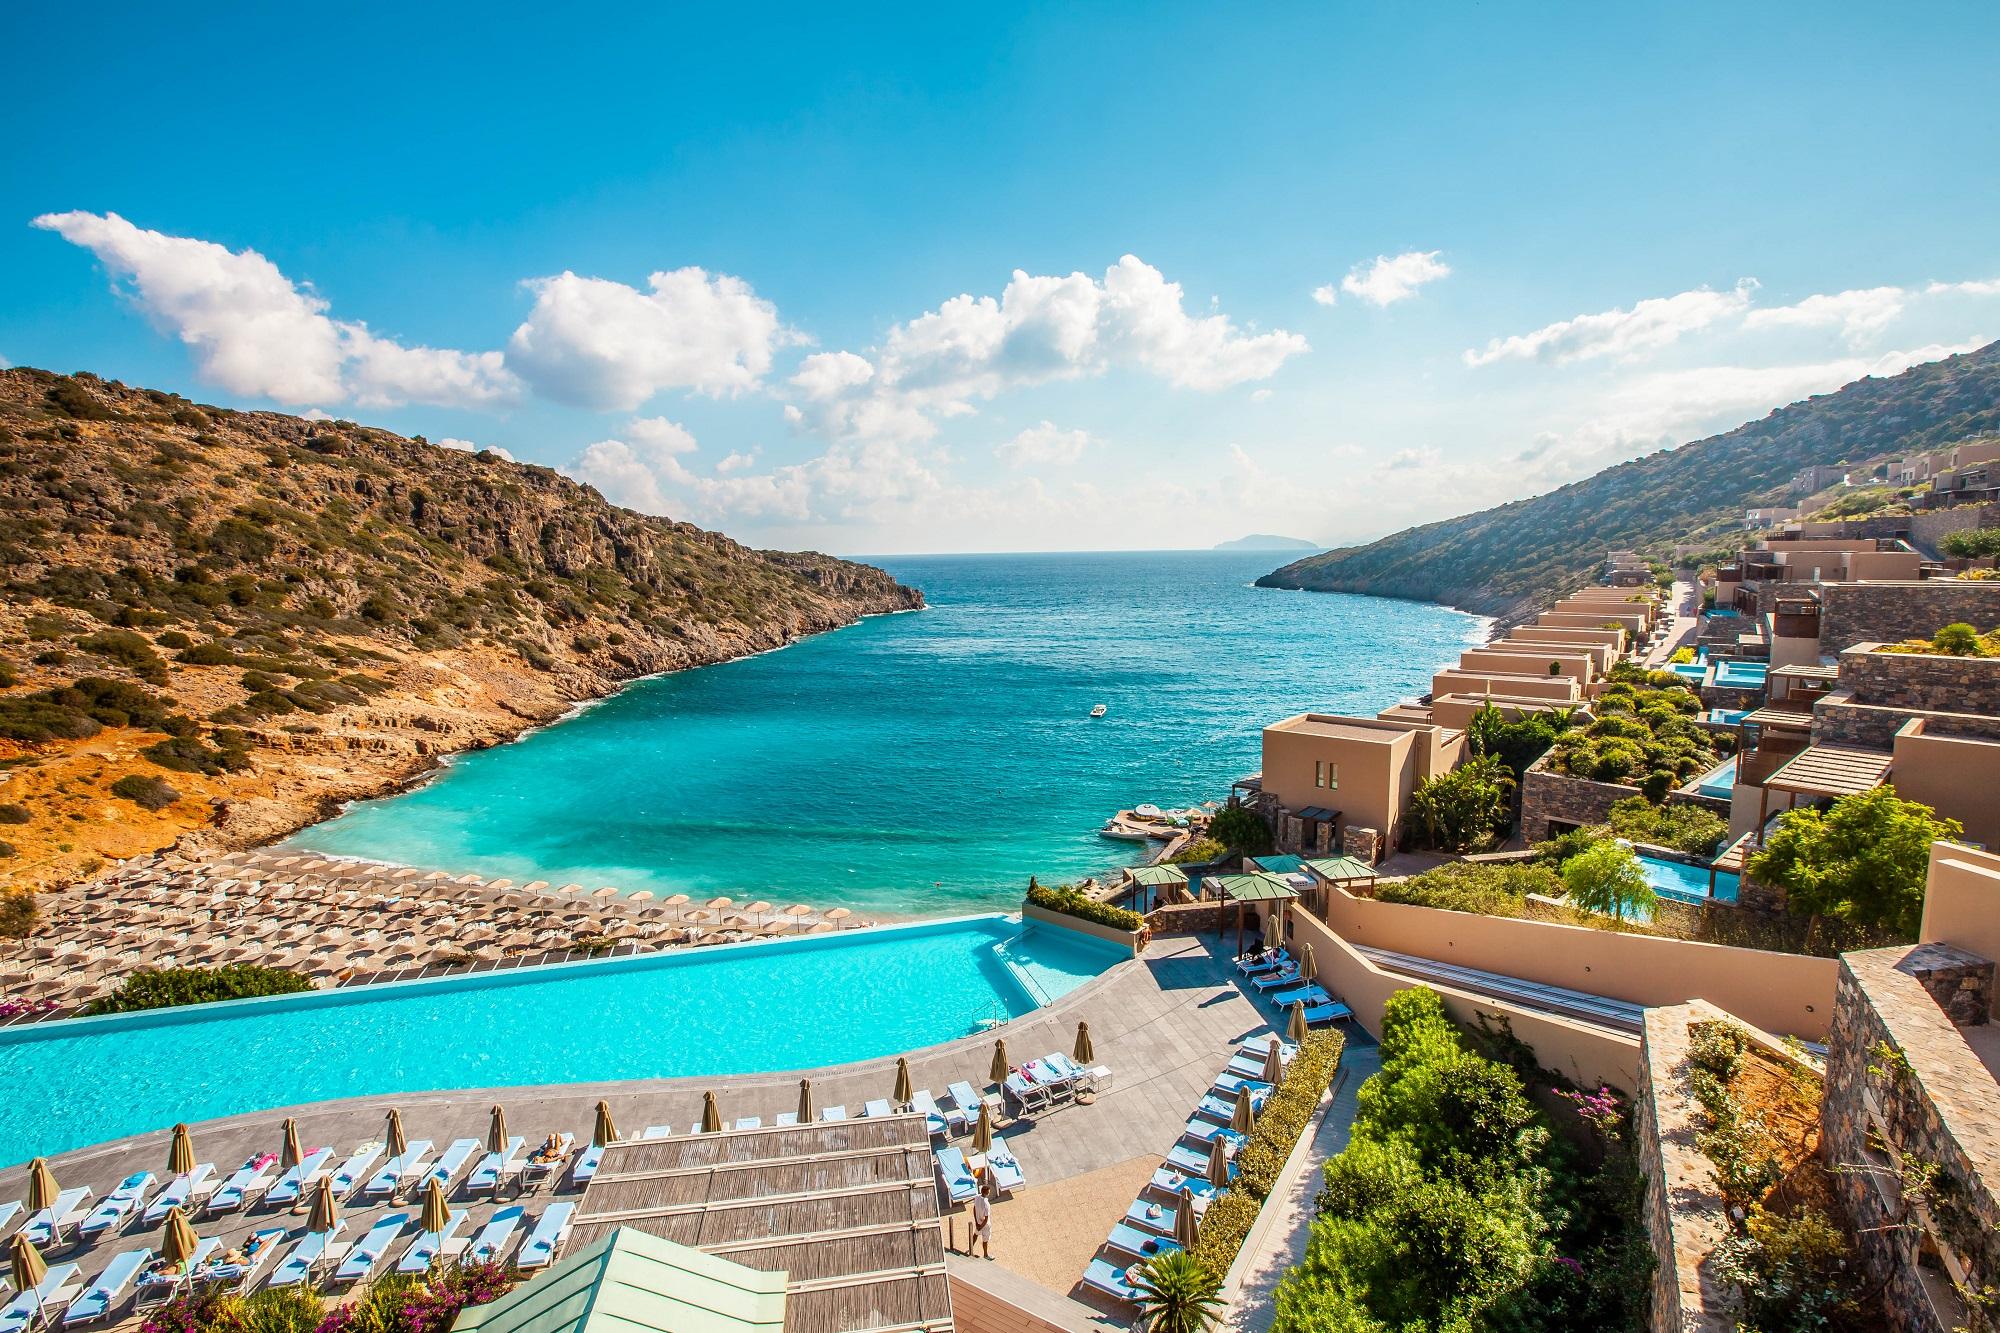 Η Ελλάδα ετοιμάζεται για την τουριστική σεζόν. Θα ανοίξουν άραγε τα σύνορα στις 14 Μαΐου;